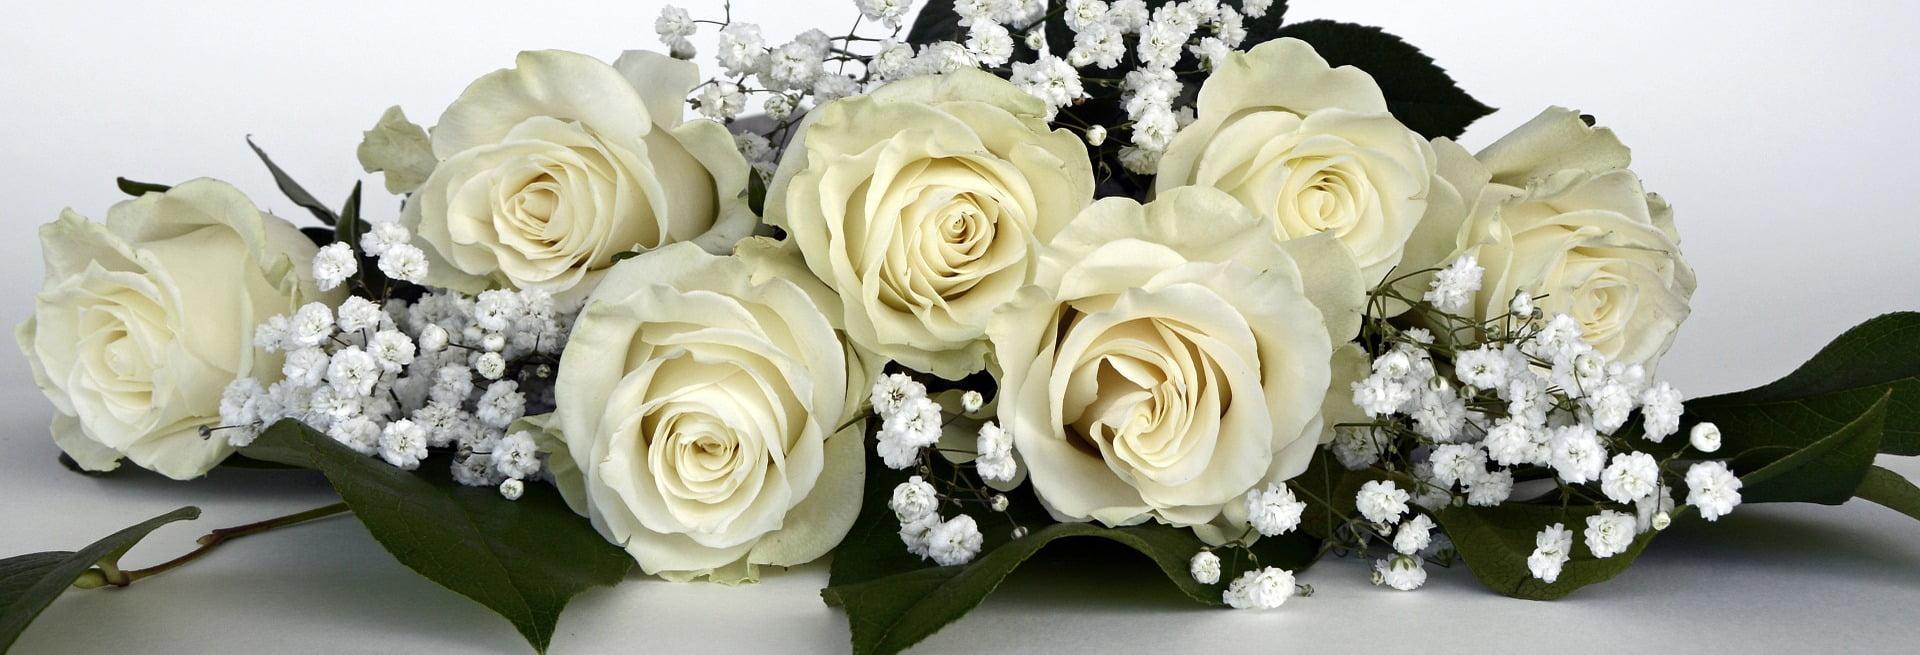 rosas blancas para ramos de novia